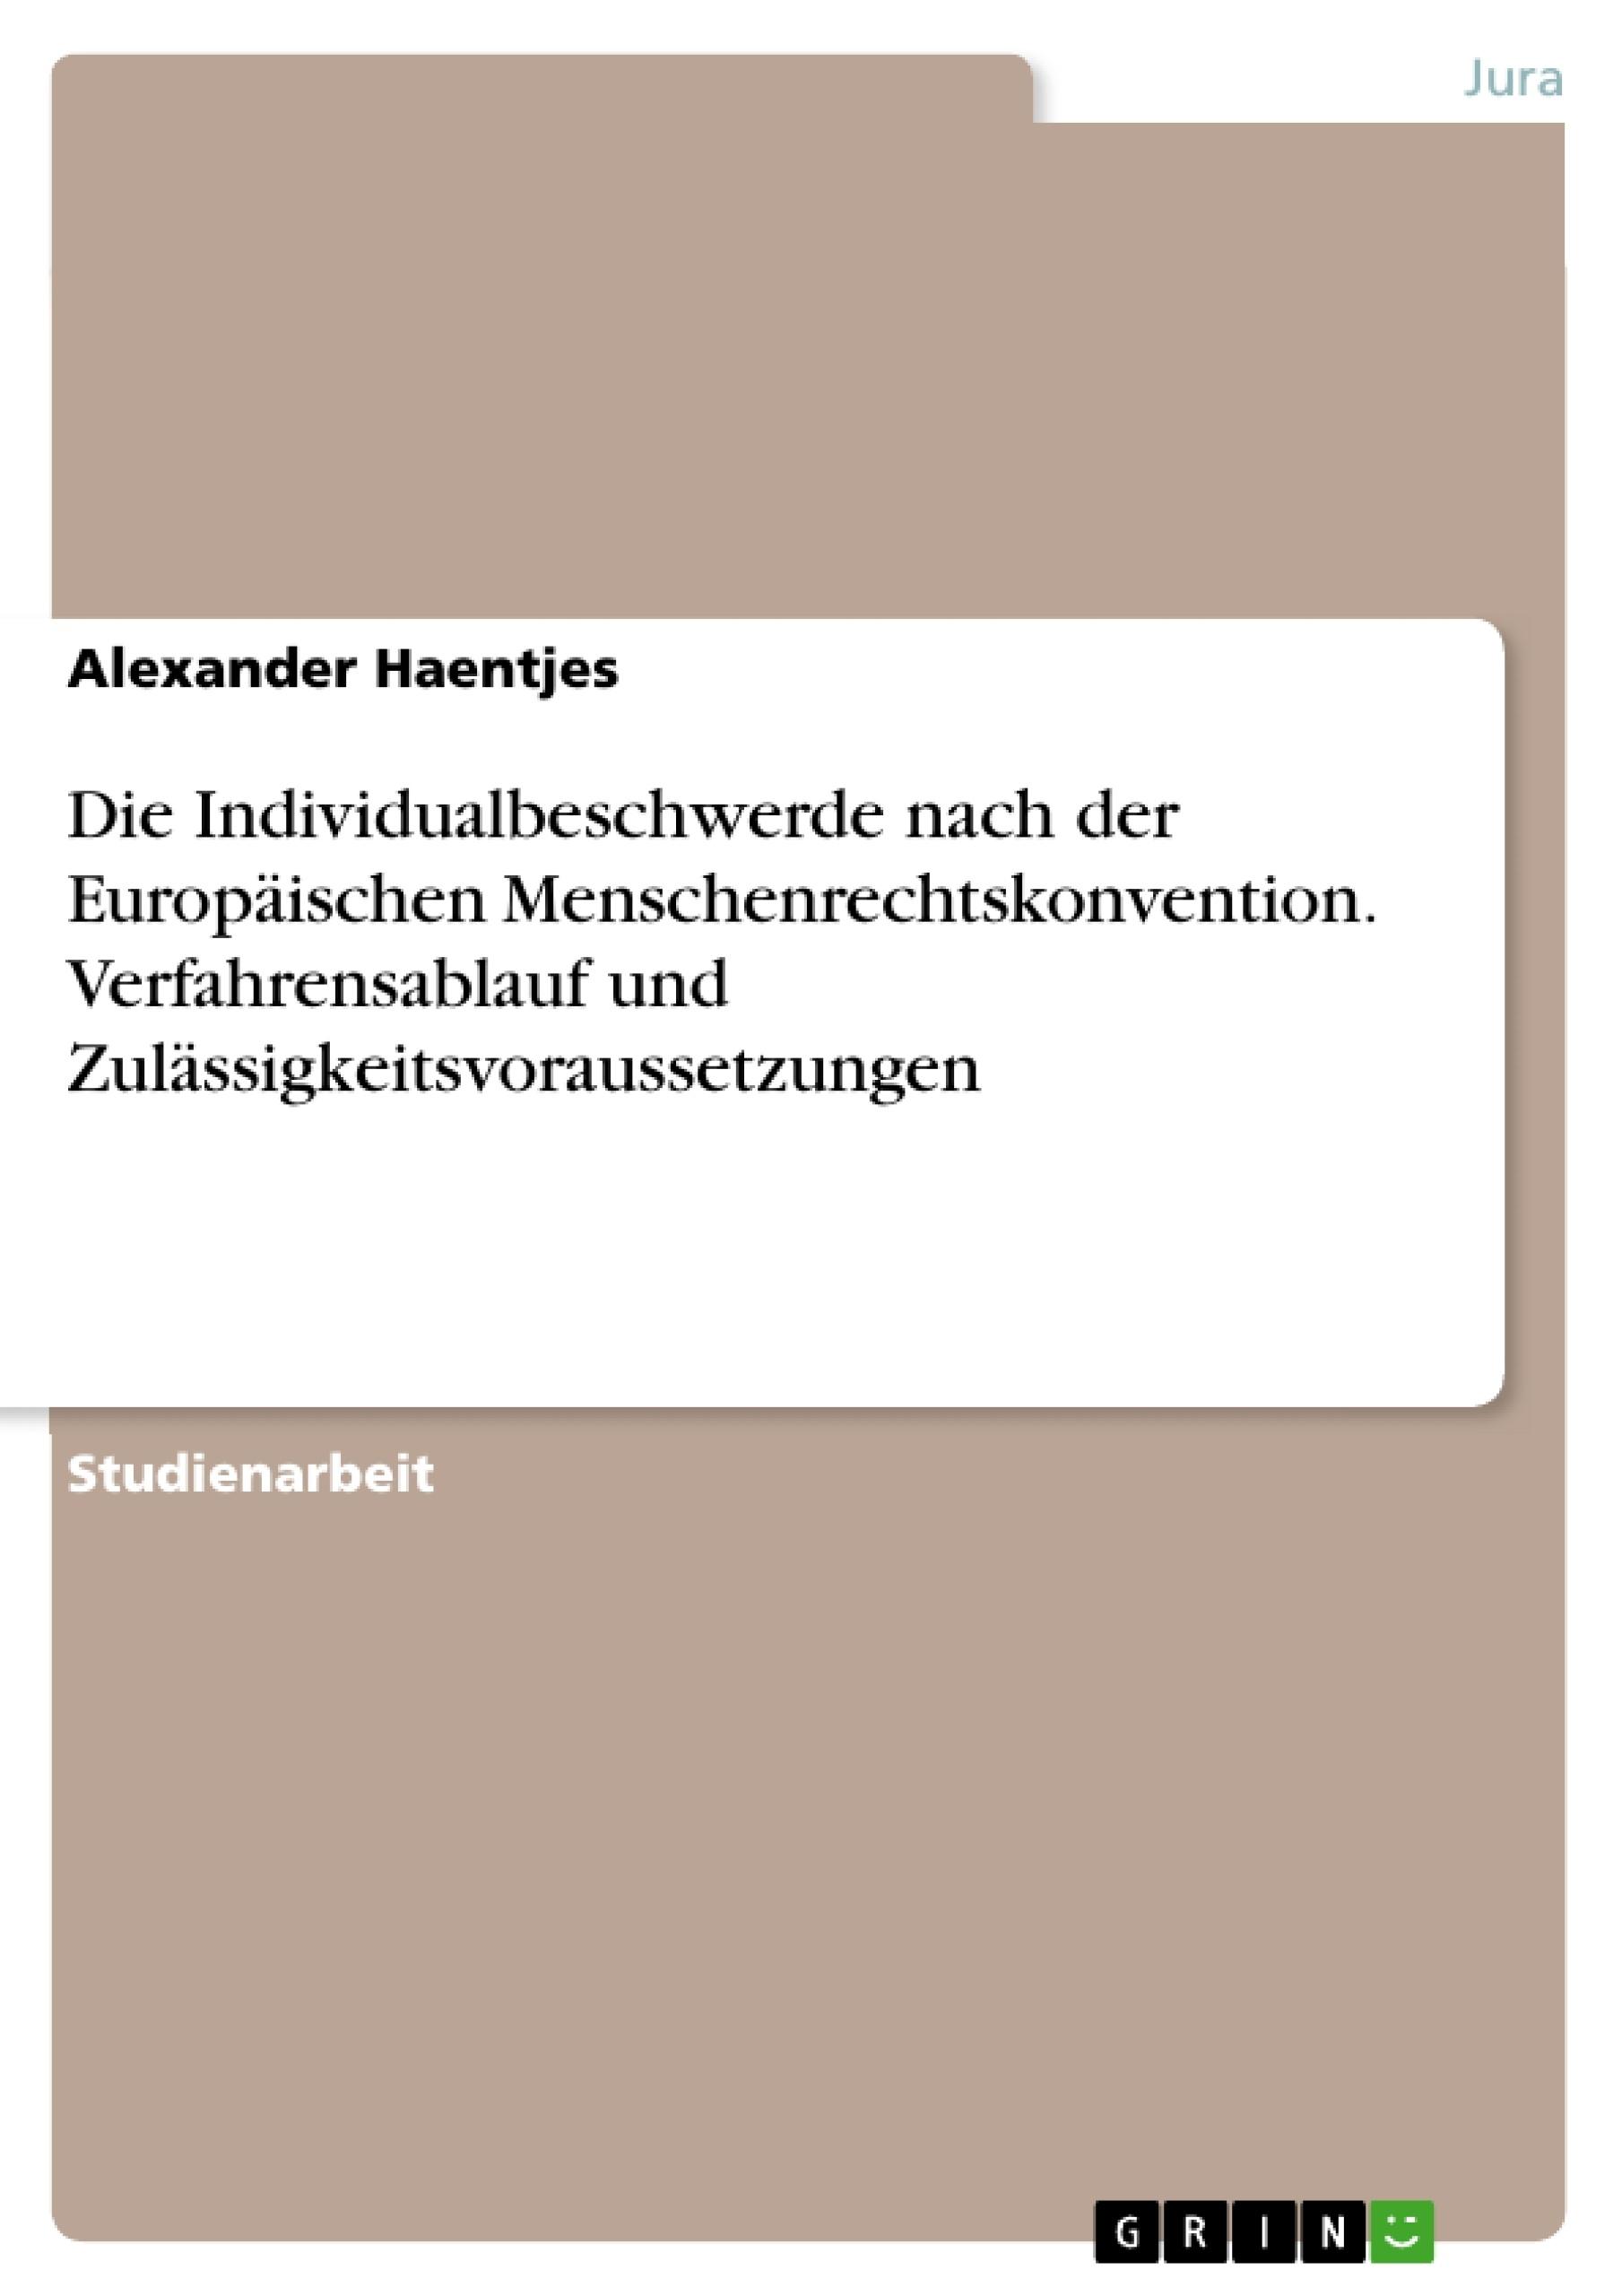 Titel: Die Individualbeschwerde nach der Europäischen Menschenrechtskonvention. Verfahrensablauf und Zulässigkeitsvoraussetzungen